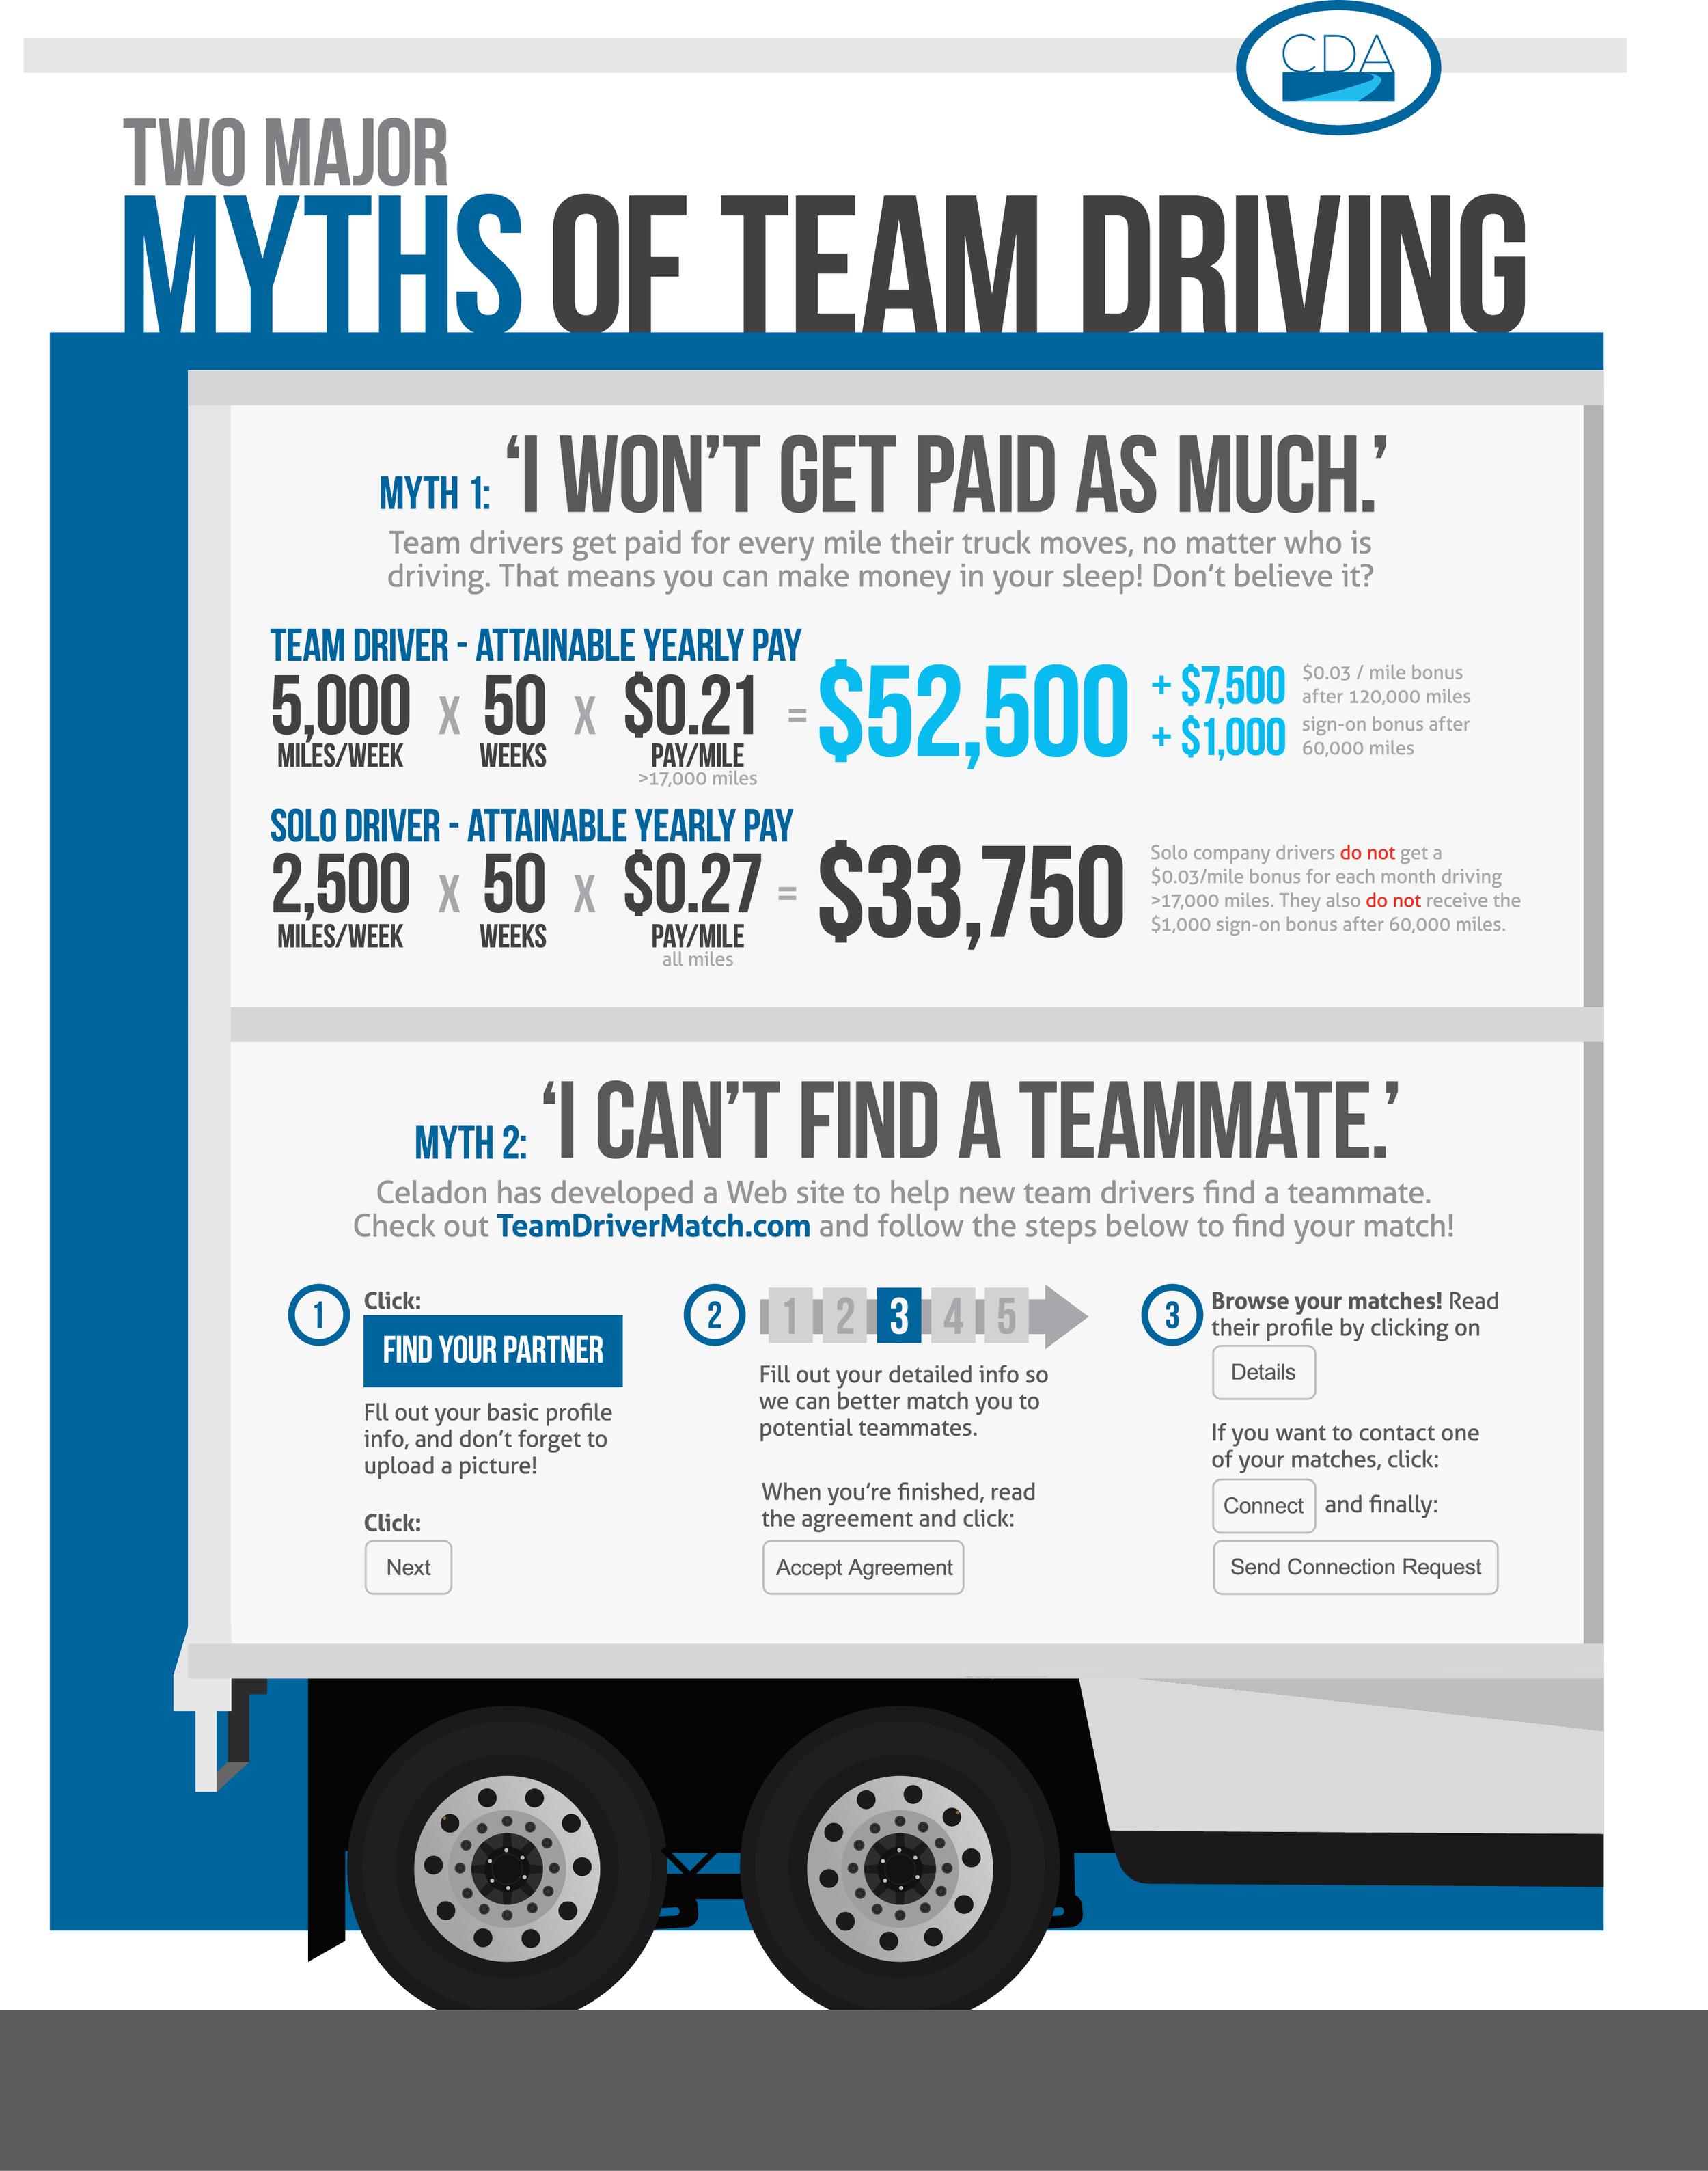 team driving myths